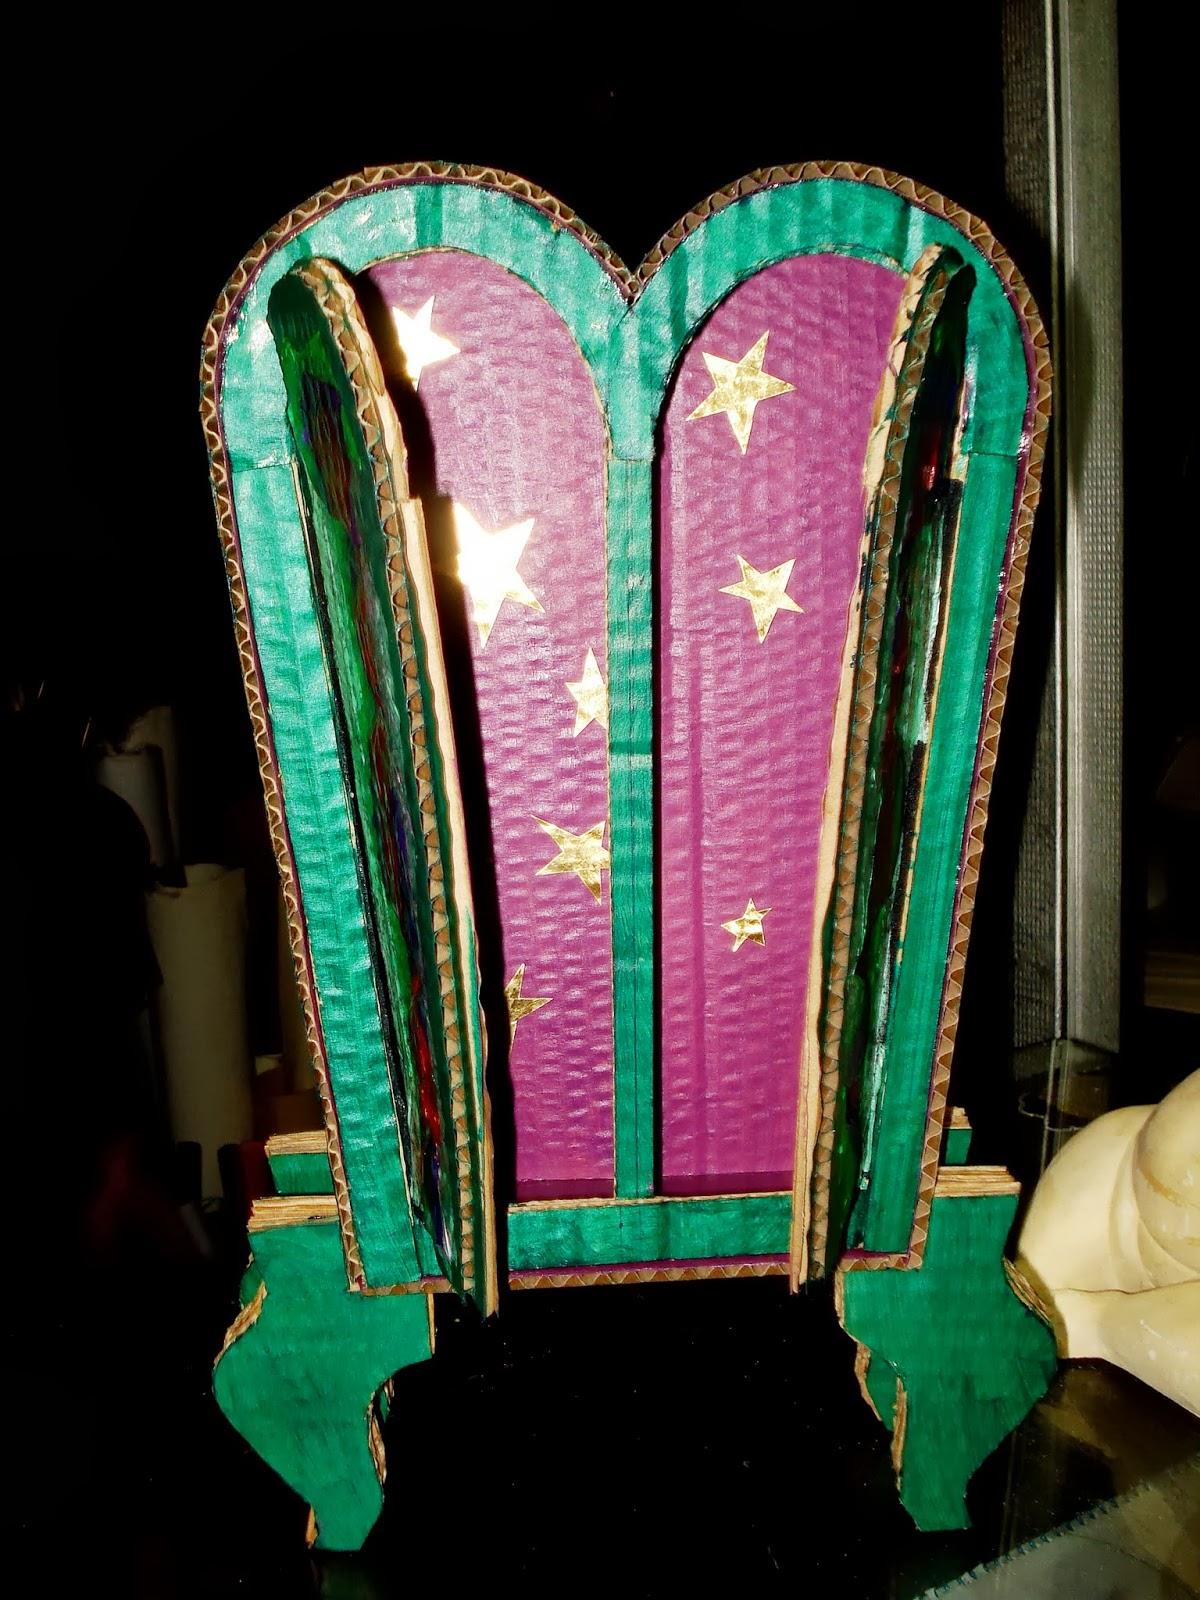 Calafate cartonera uno de los extra os seres muebles for Muebles seres